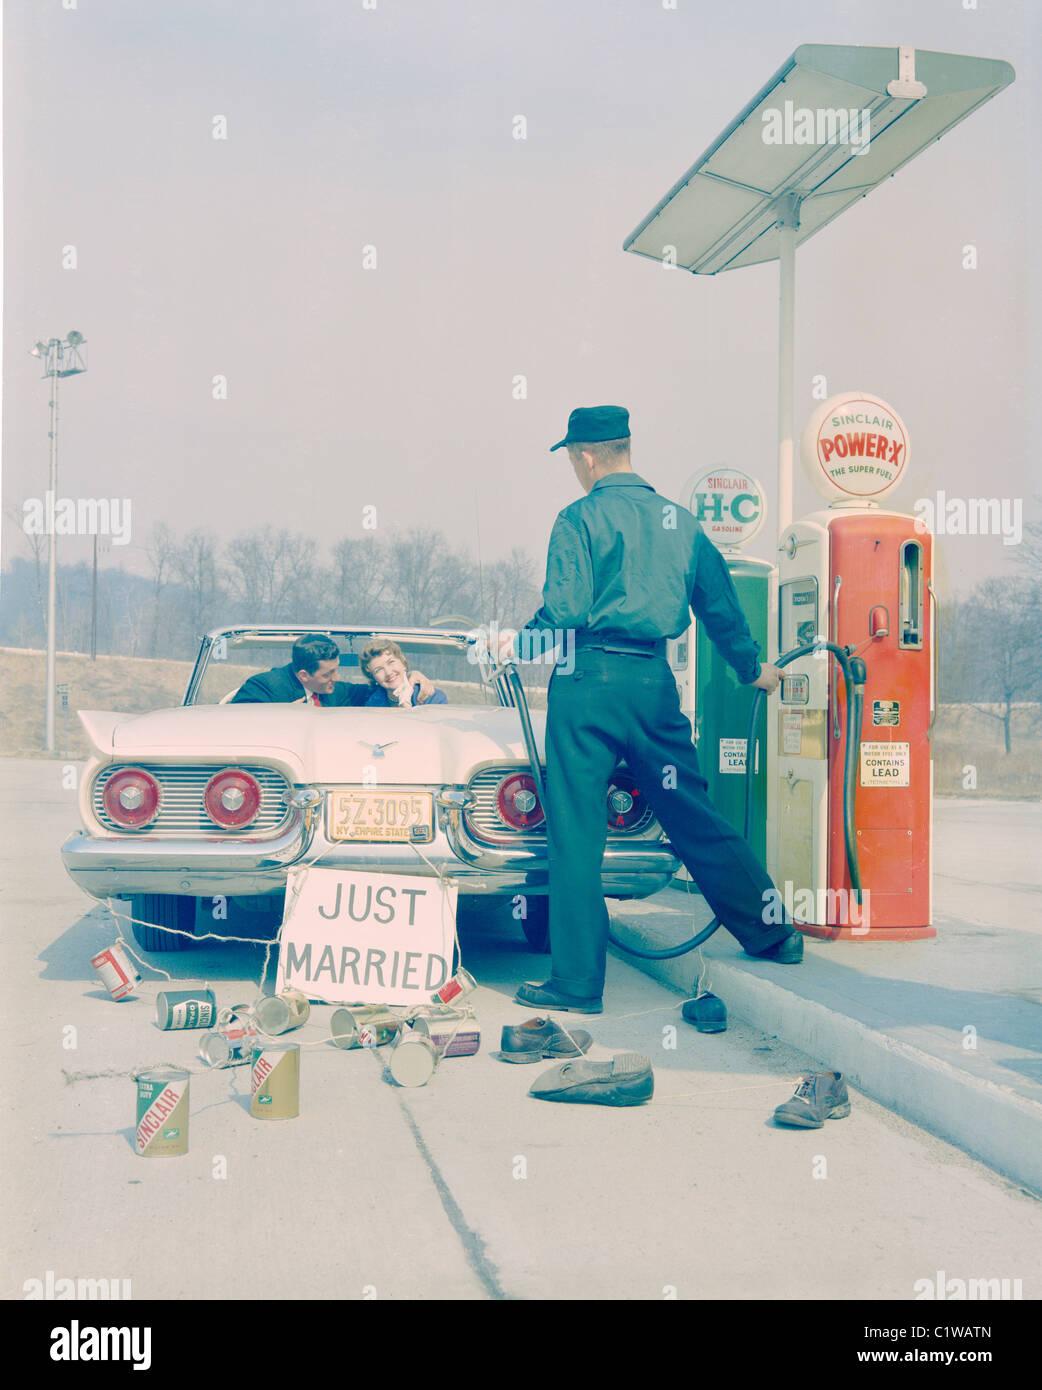 La pareja recién casada con signo de conducción a través de gasolinera Imagen De Stock